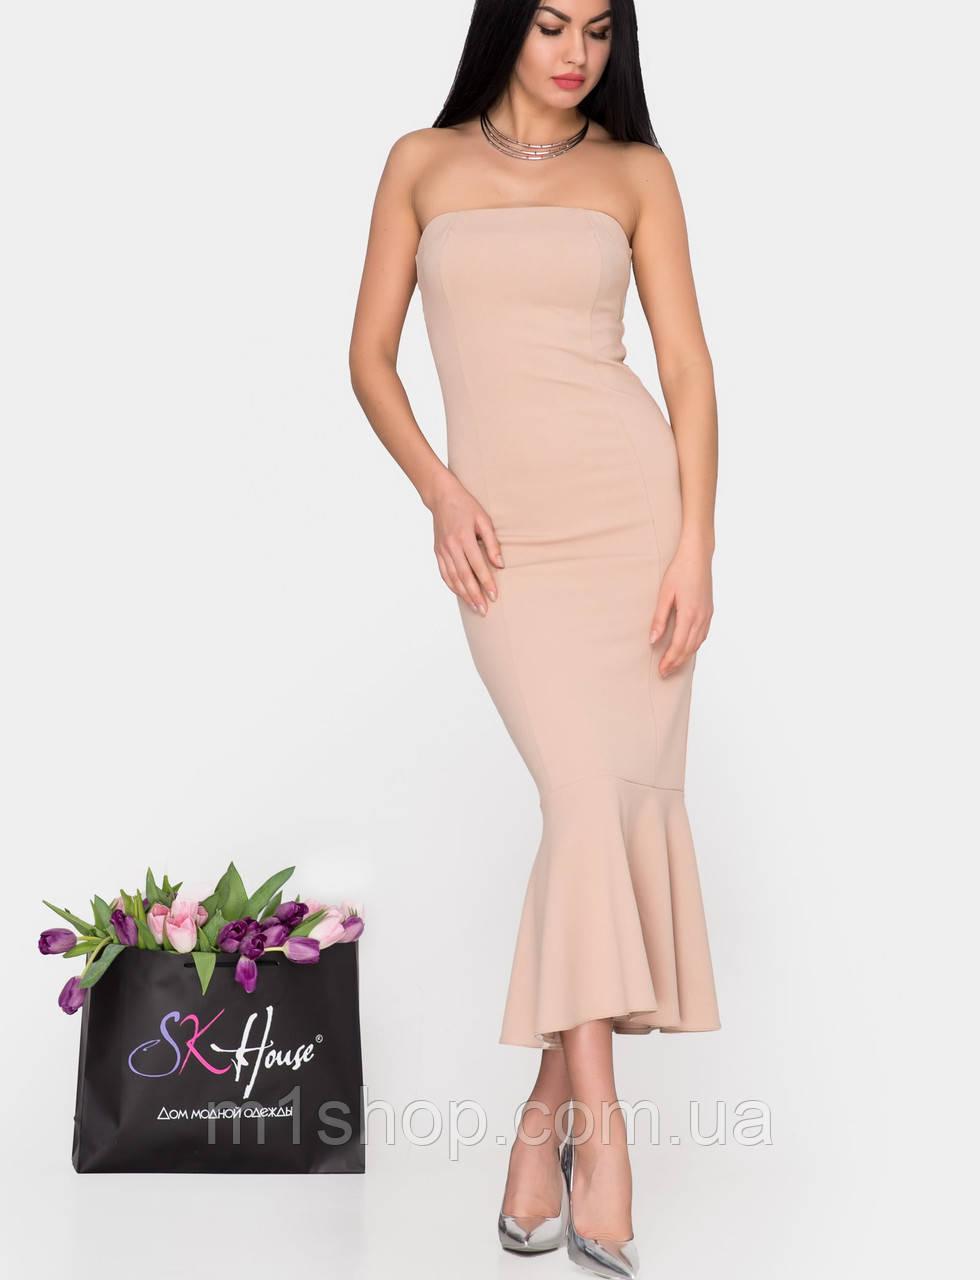 681632e354e Женское вечернее платье годе (2254 sk) купить недорого Украина ...